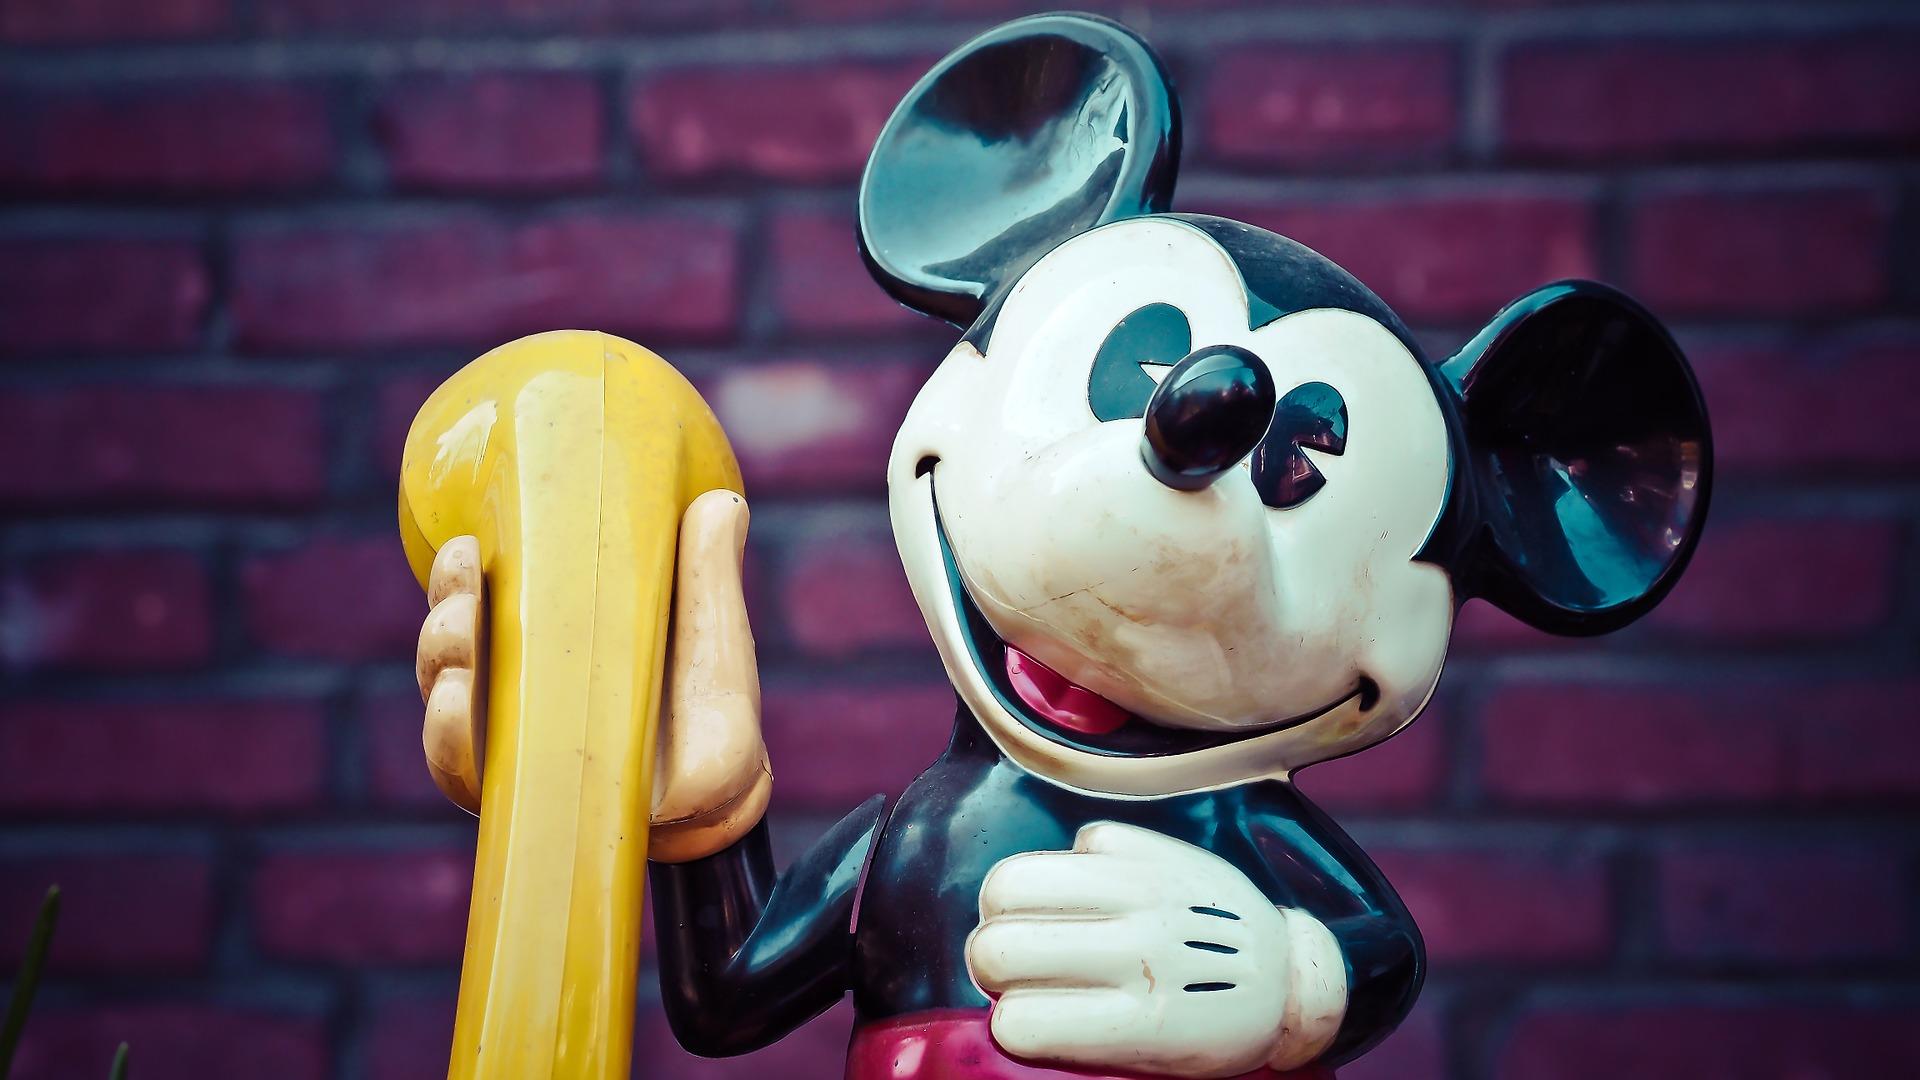 ディズニーに行くならベビーカーはレンタルがおすすめ!利用方法や料金は?